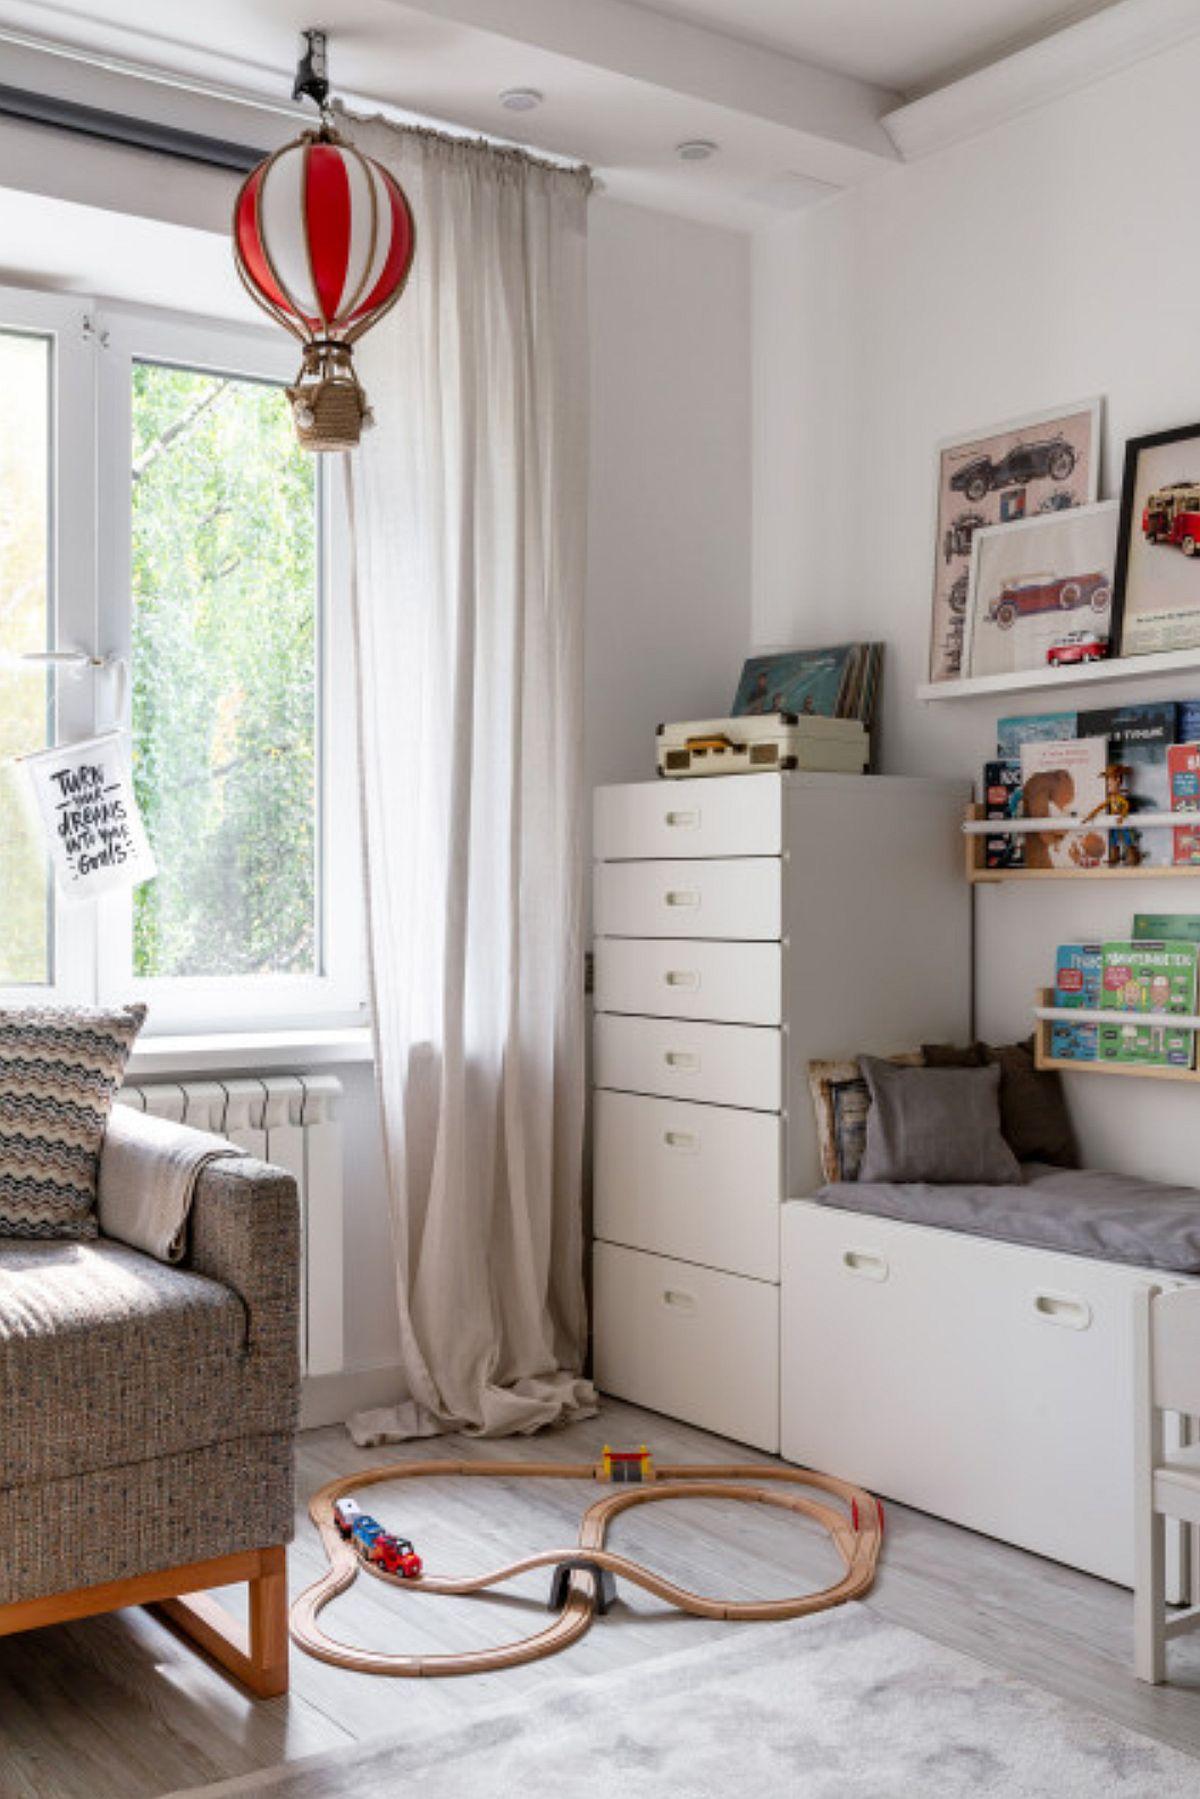 Pentru depozitarea hainelor celor mici, tinerii au ales piese de mobilier de la IKEA care să nu încarce spațiul, dar să le ofere posibilitatea de a organiza bine lucrurile în sertare.